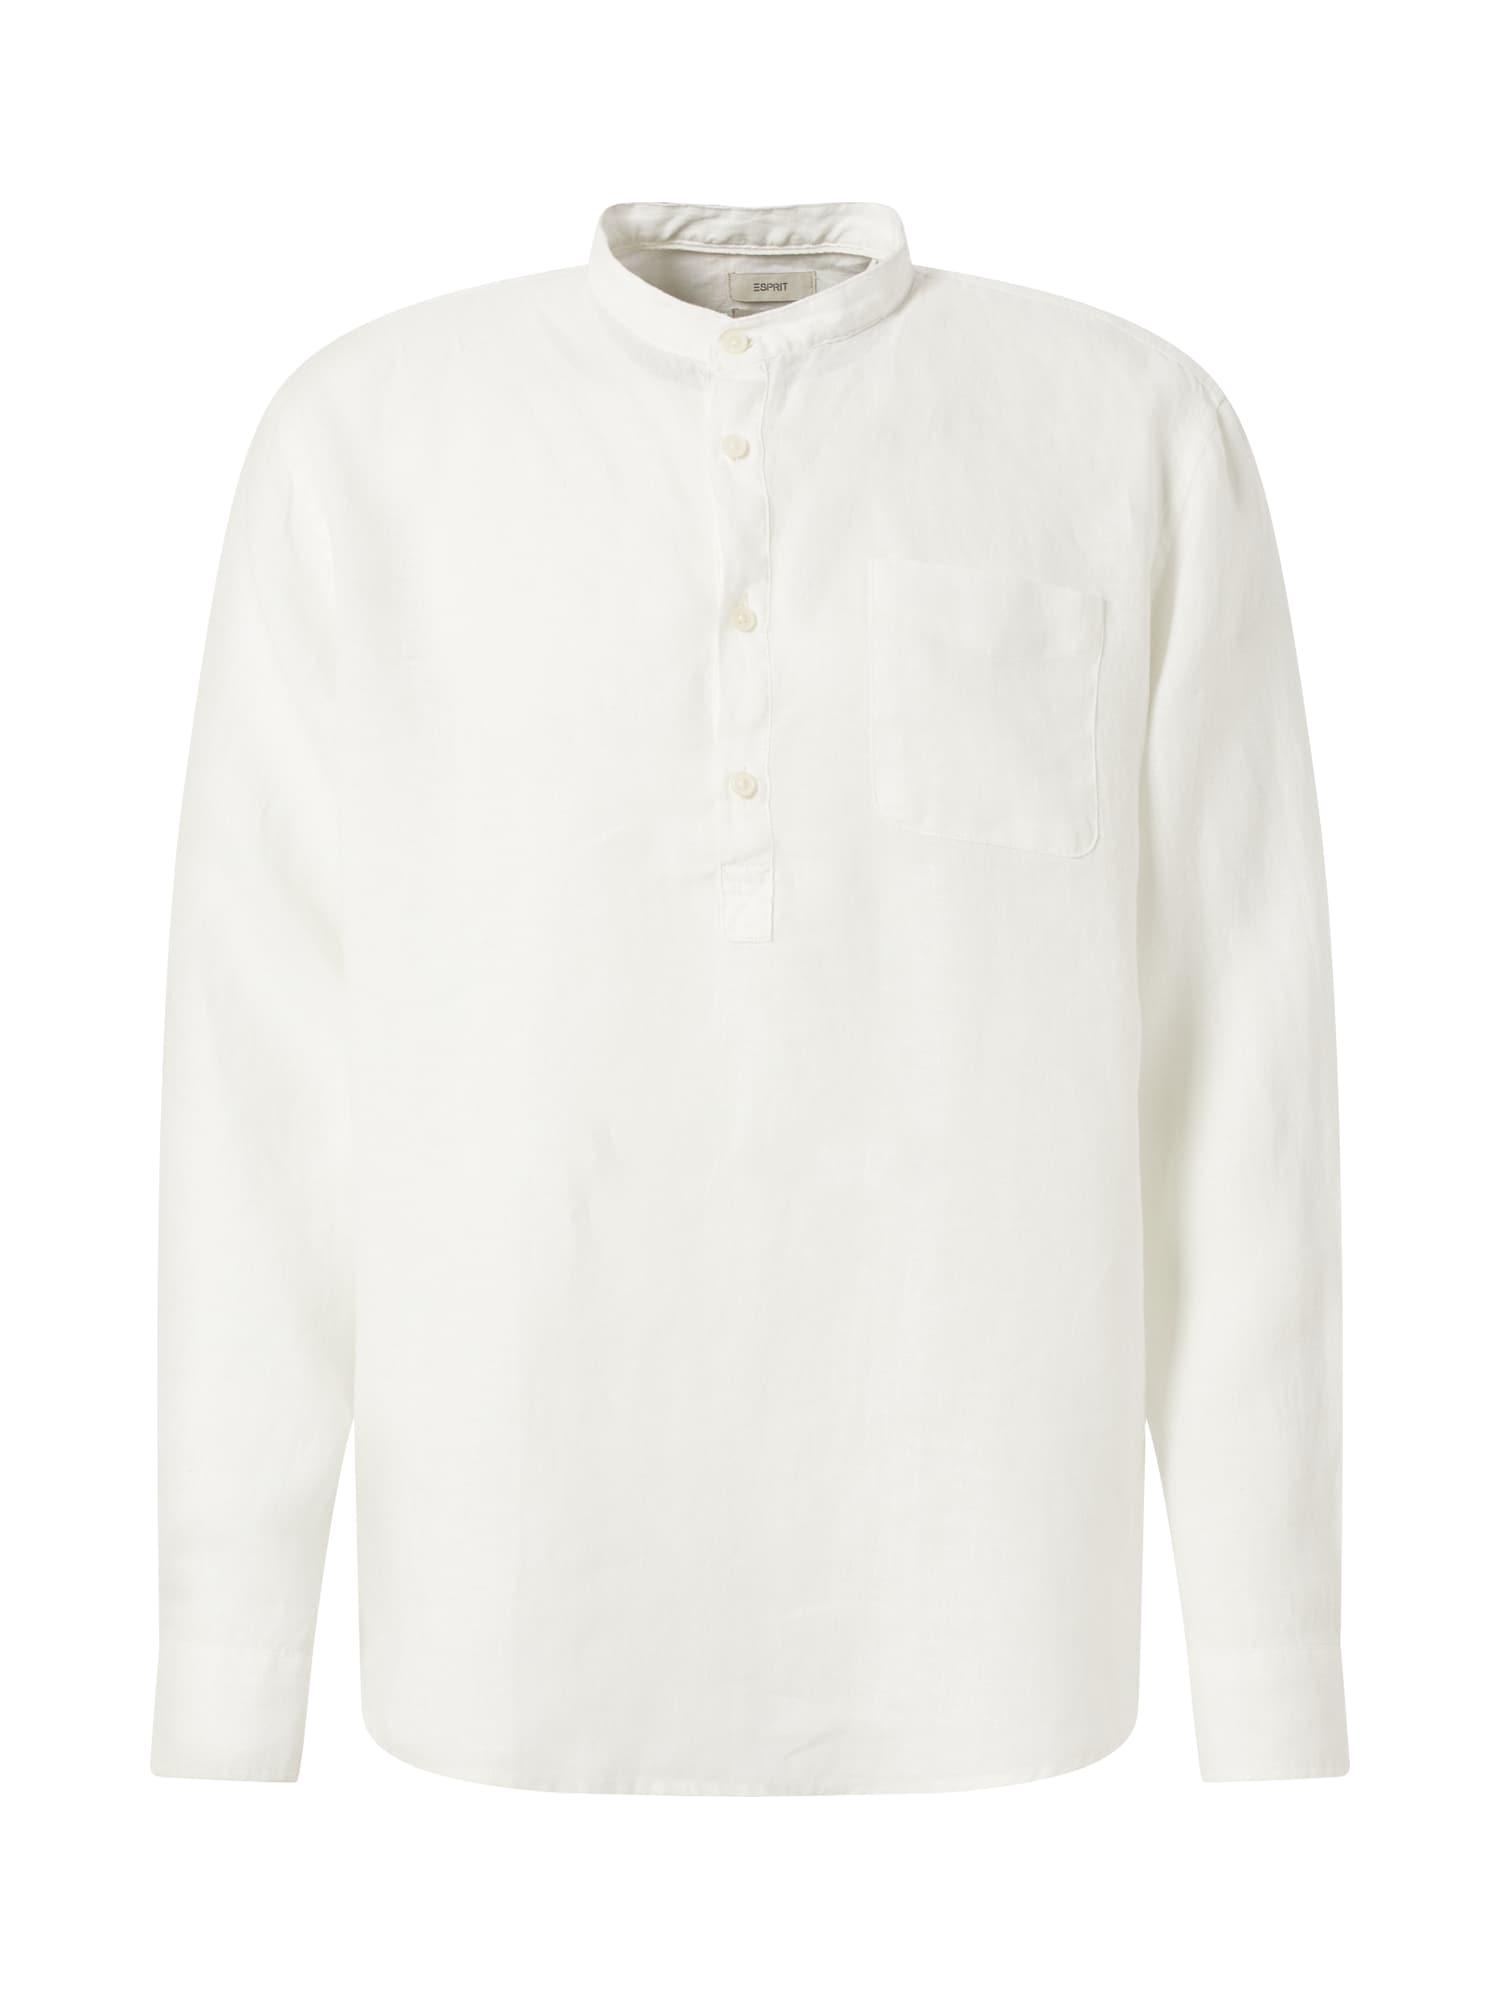 ESPRIT Dalykiniai marškiniai balkšva